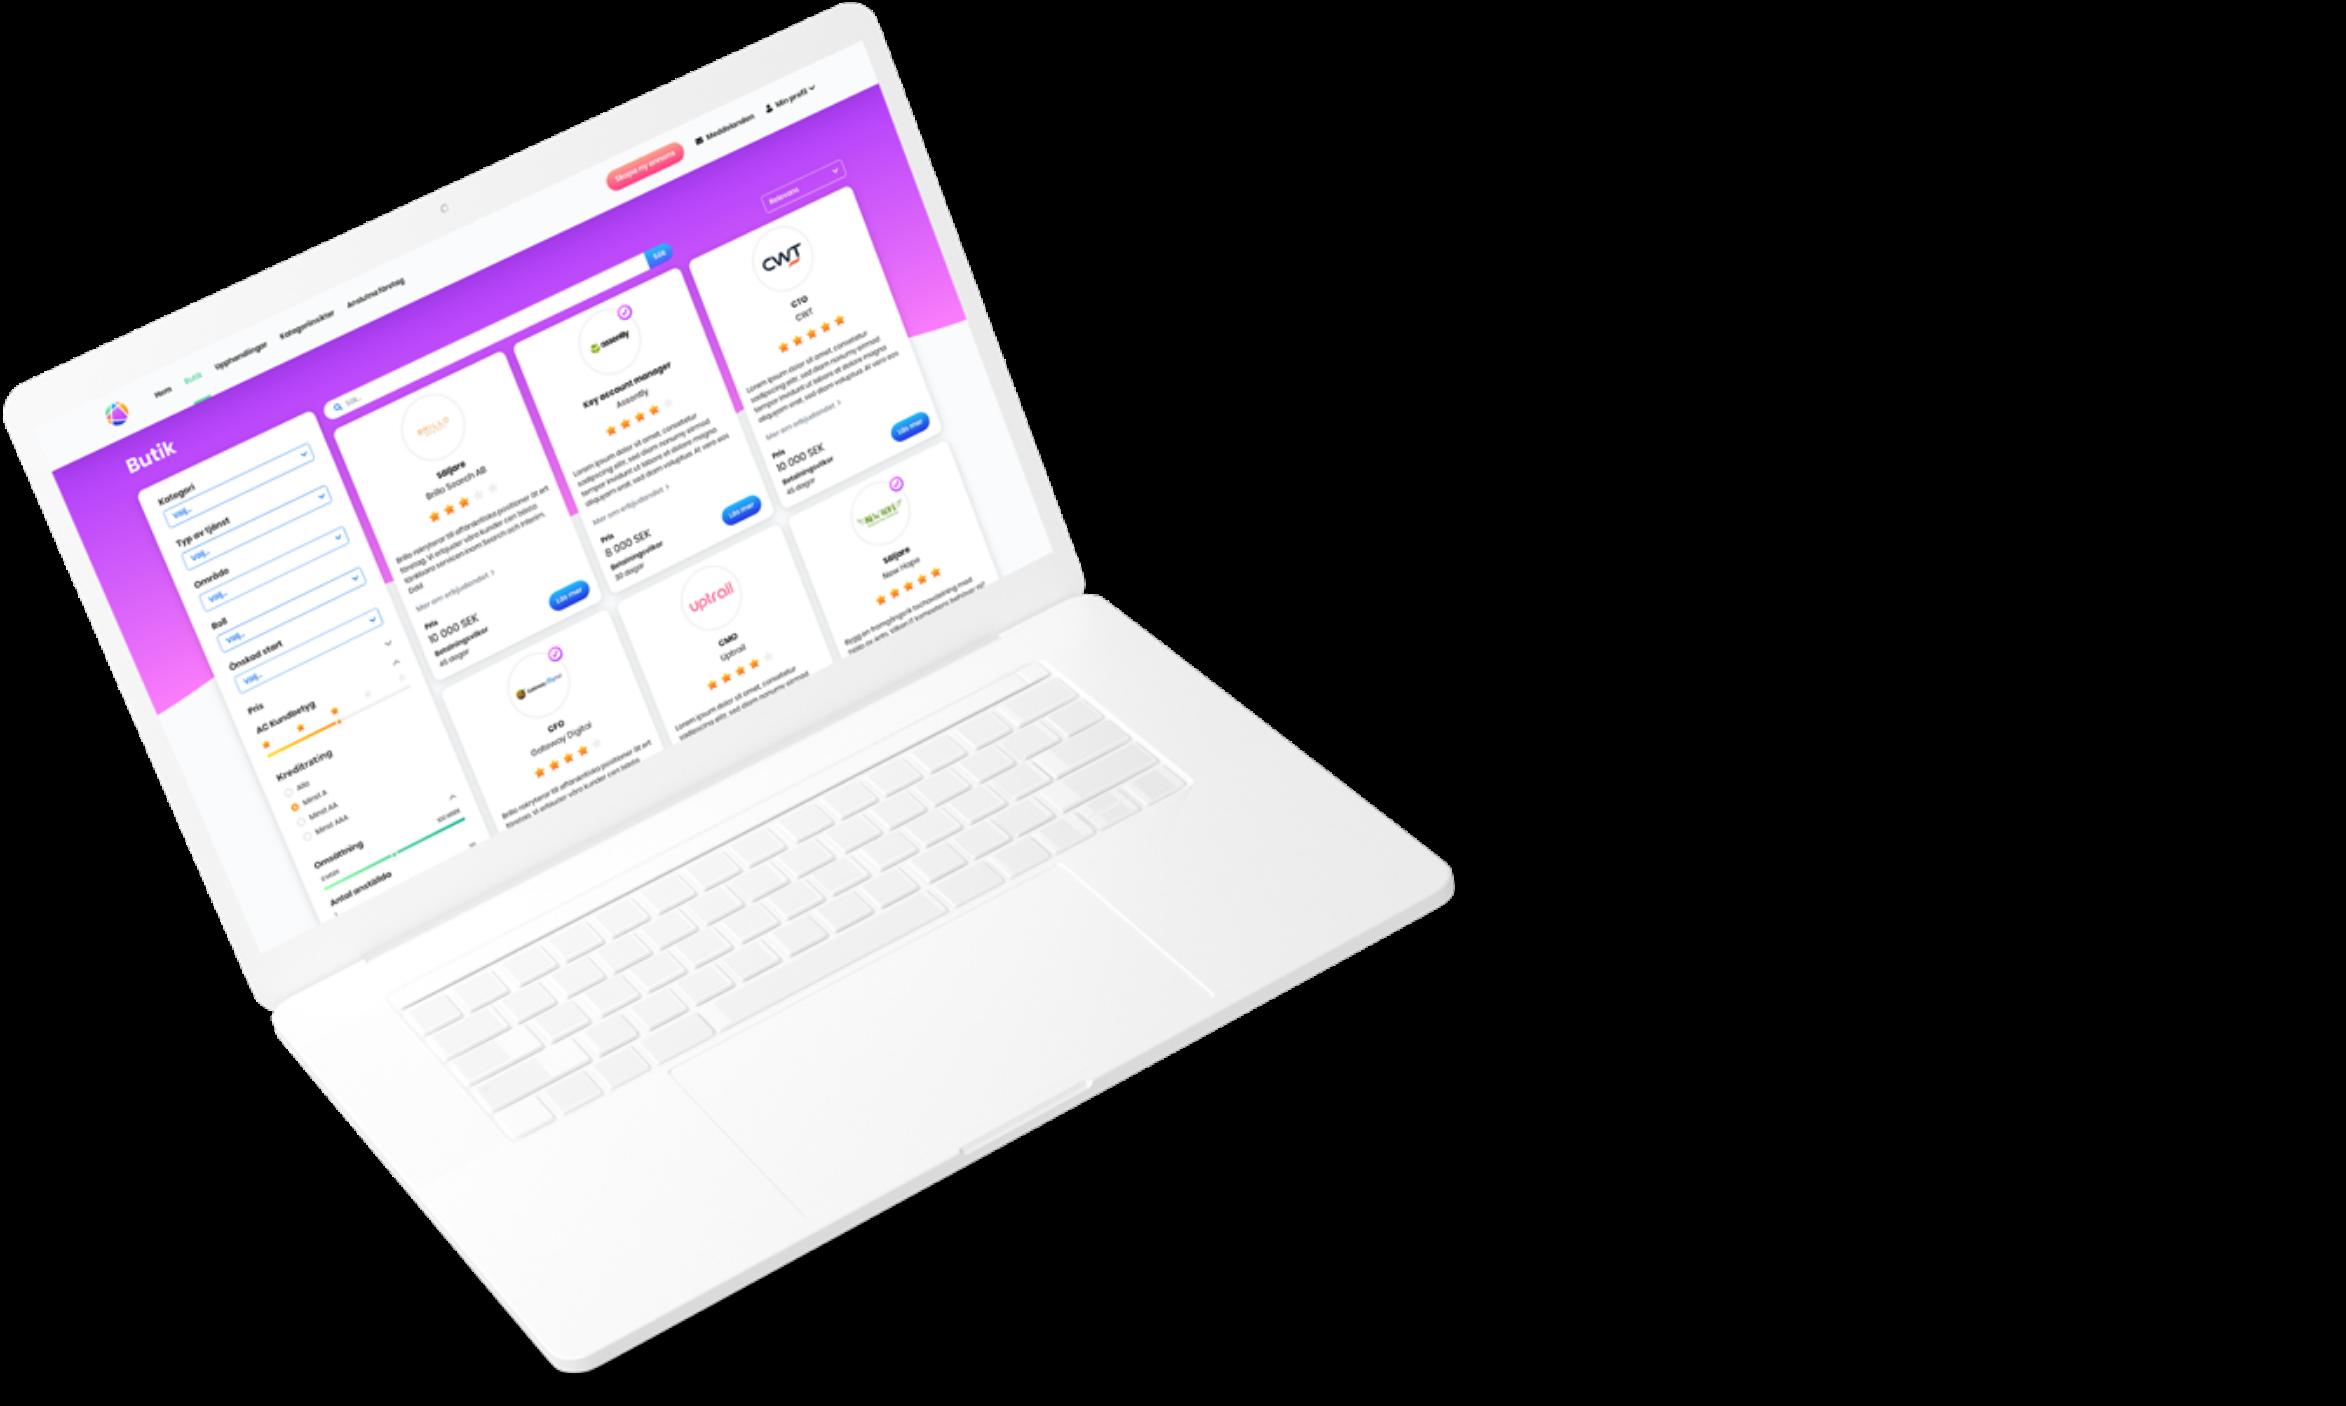 Laptop displaying internal web